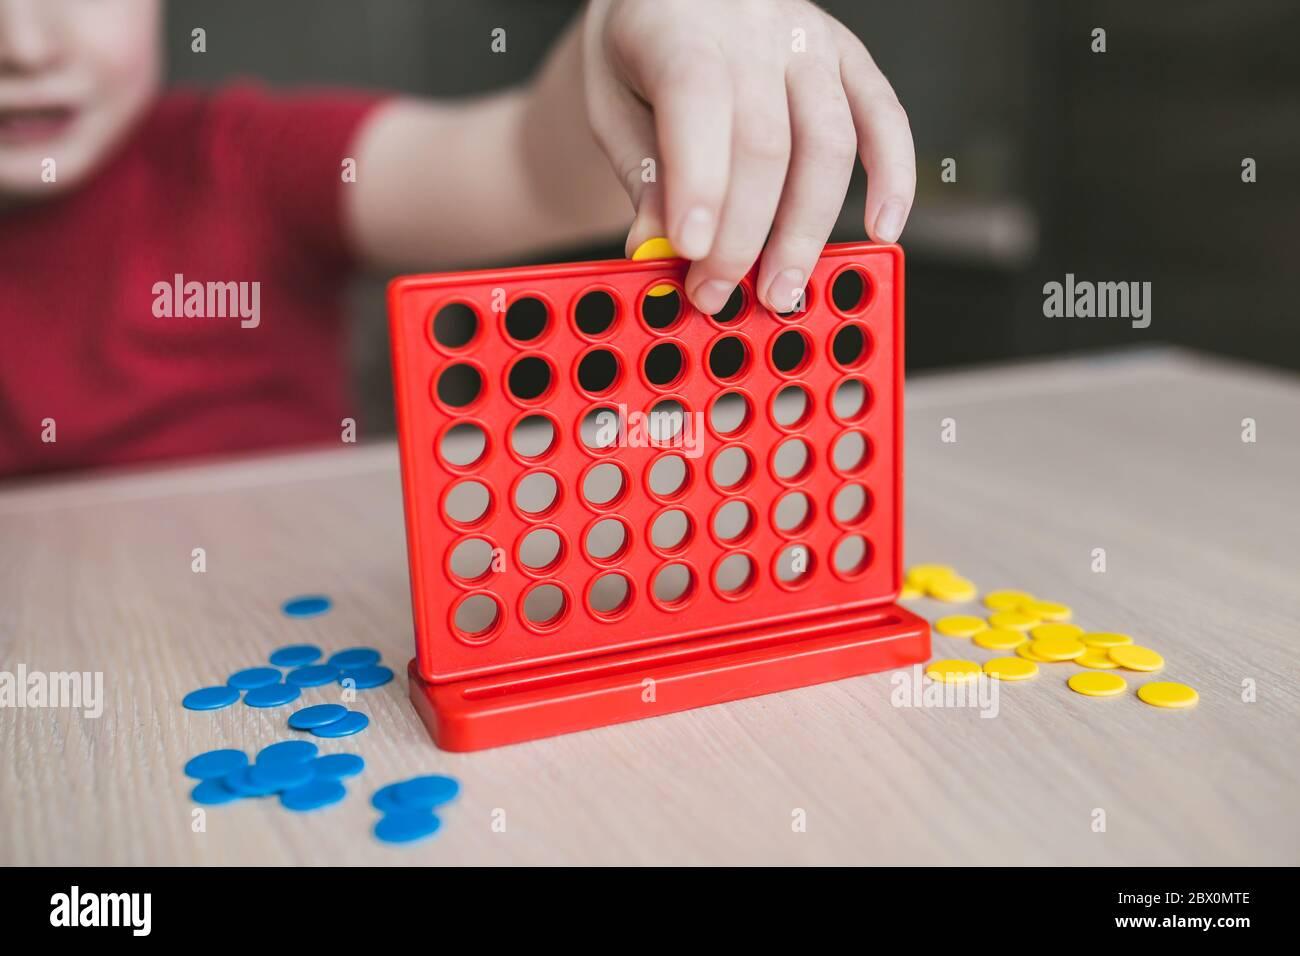 Juegos de mesa para niños - diversión y aprendizaje - juegos intelectuales Foto de stock